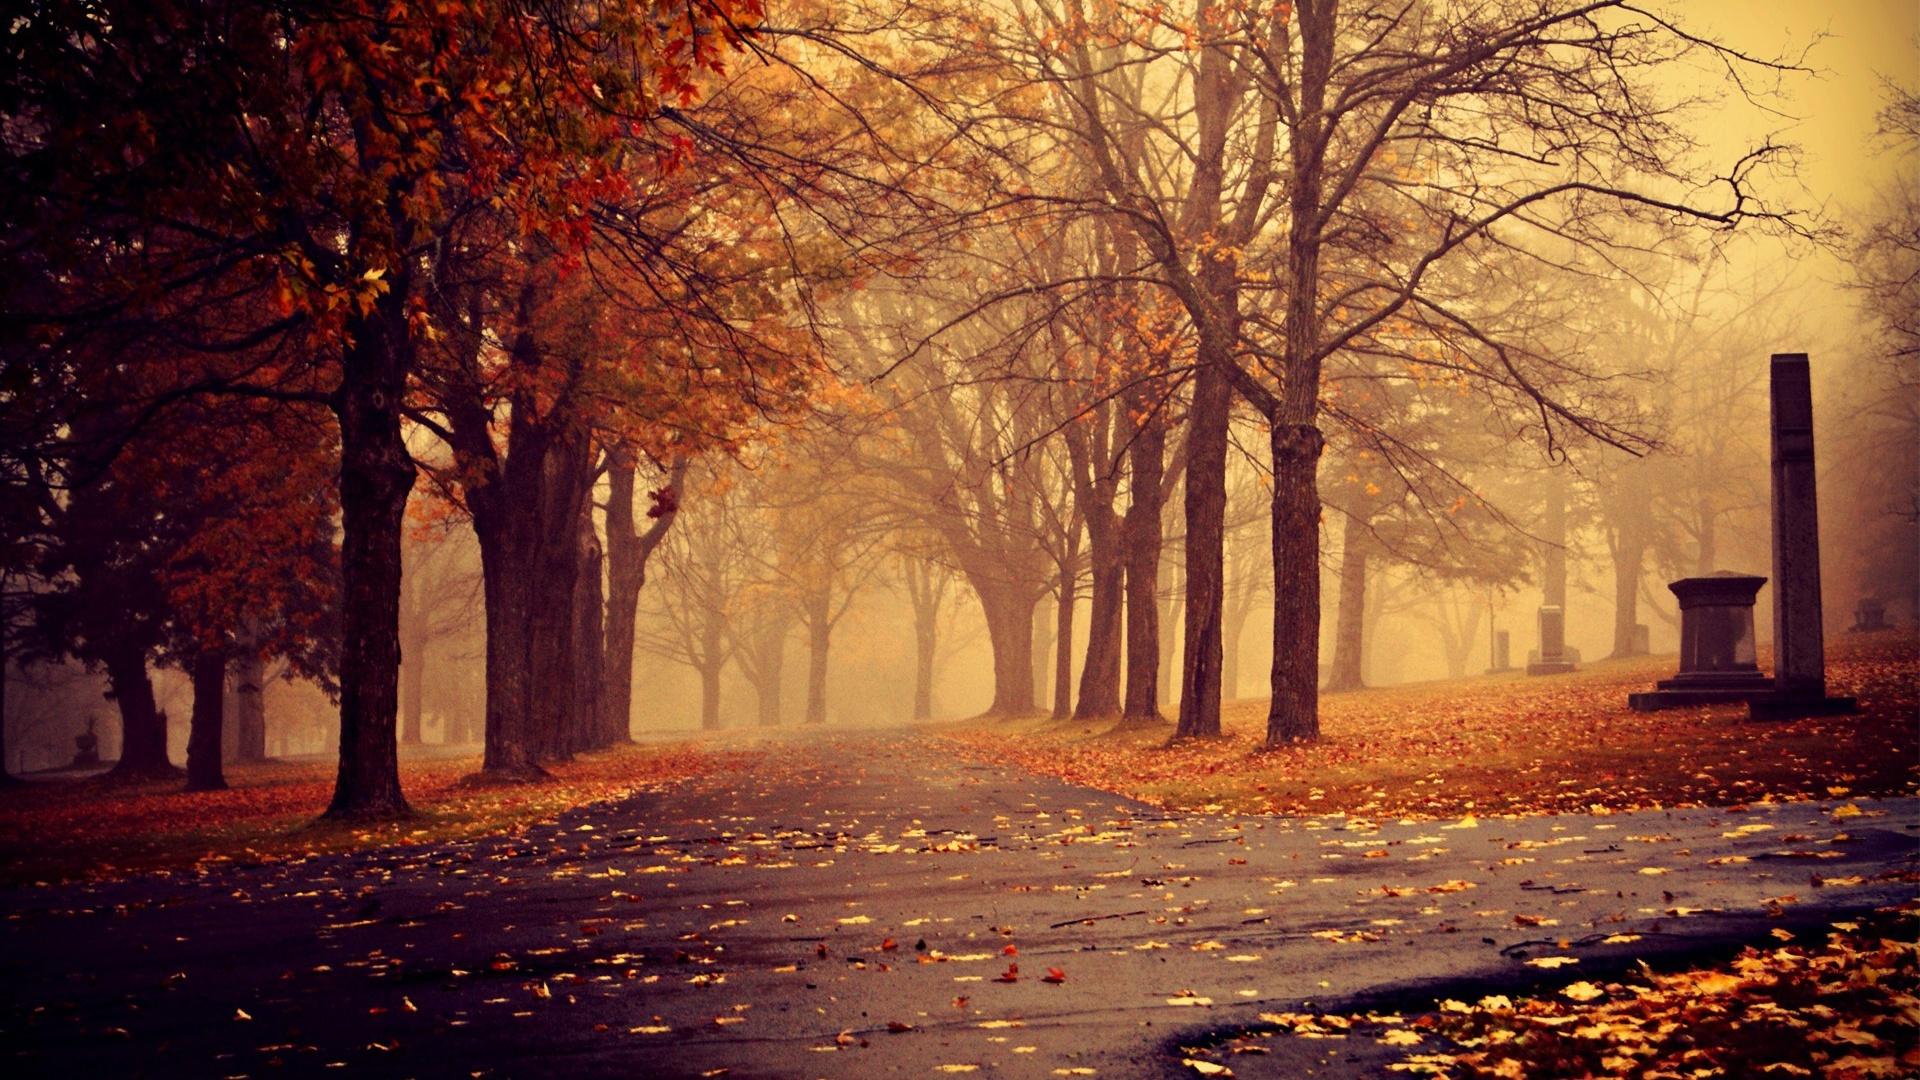 Autumn Saint Park Stock Photos, Royalty-Free Images &amp- Vectors ...